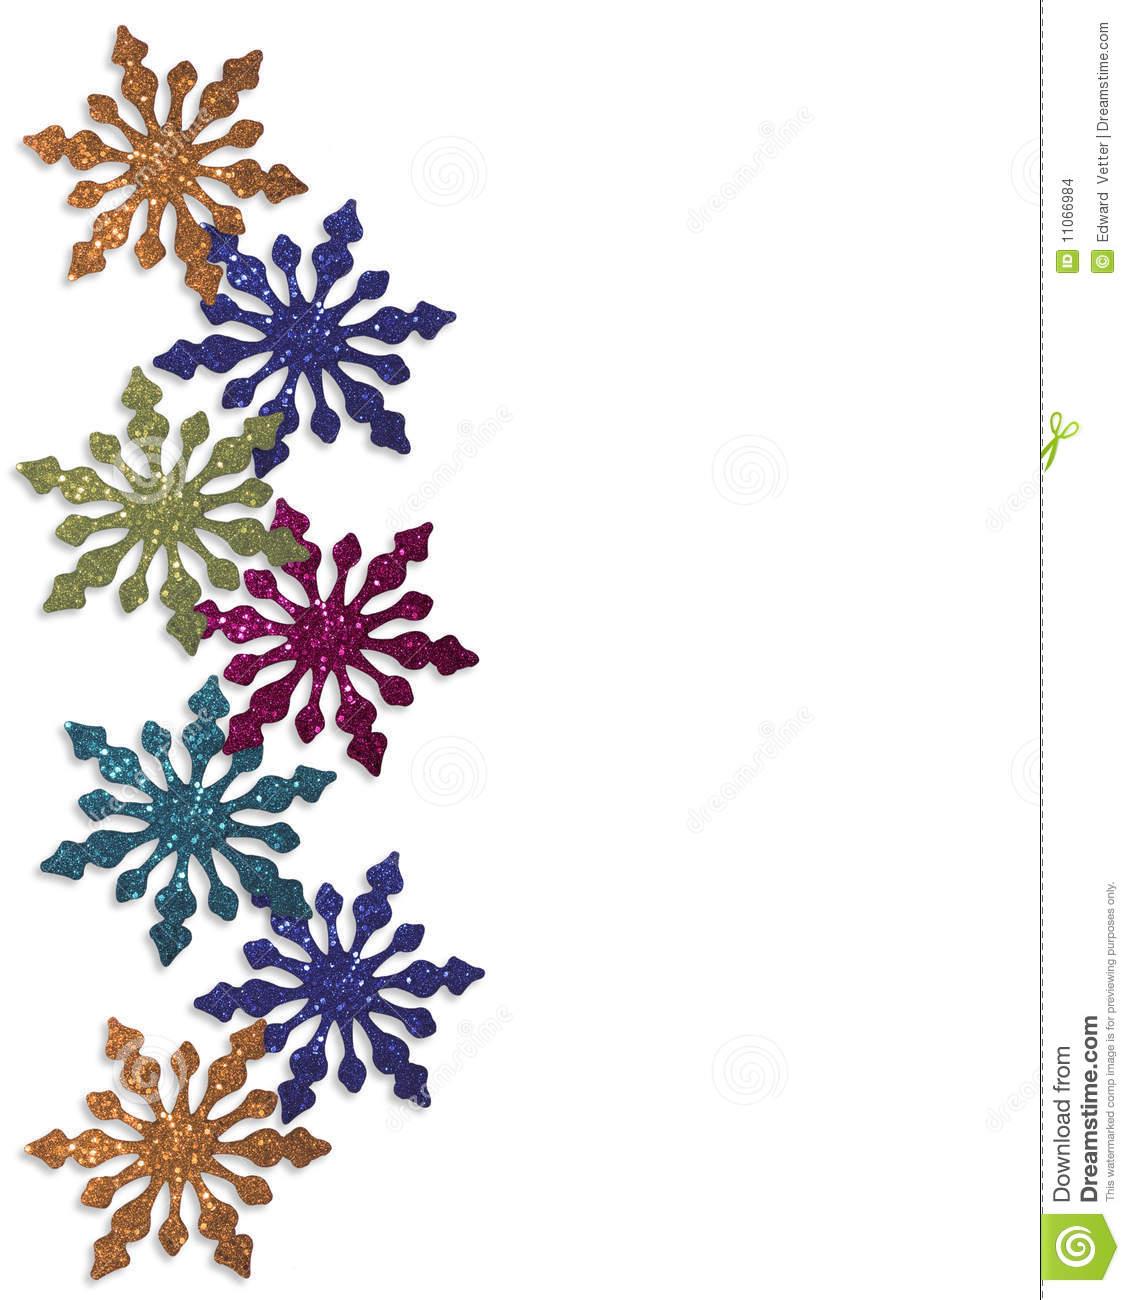 christmas snowflakes border - photo #10